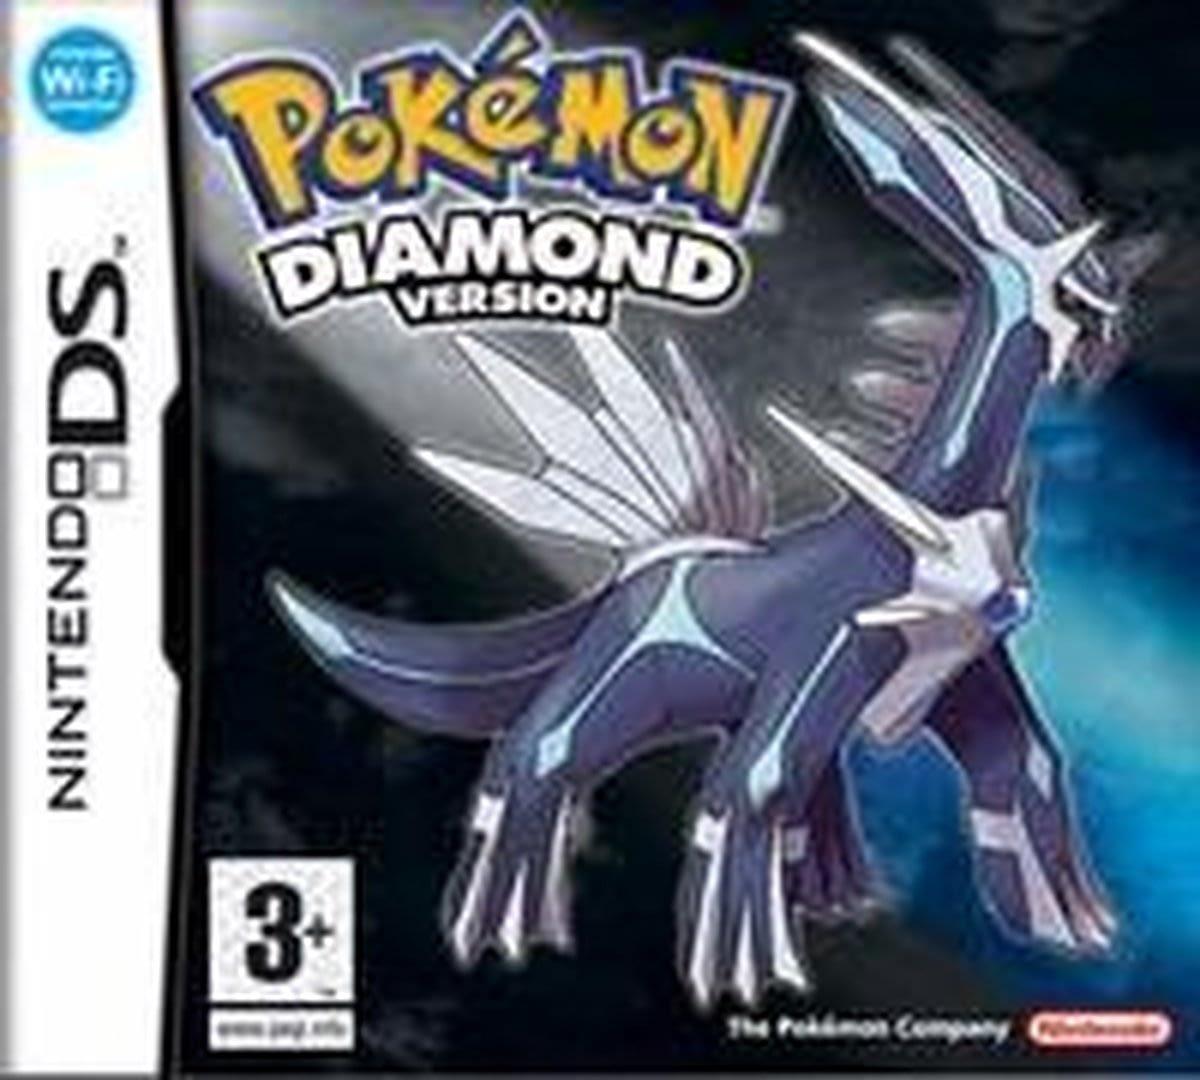 Pokemon Diamond een nieuw pokemon avontuur begint